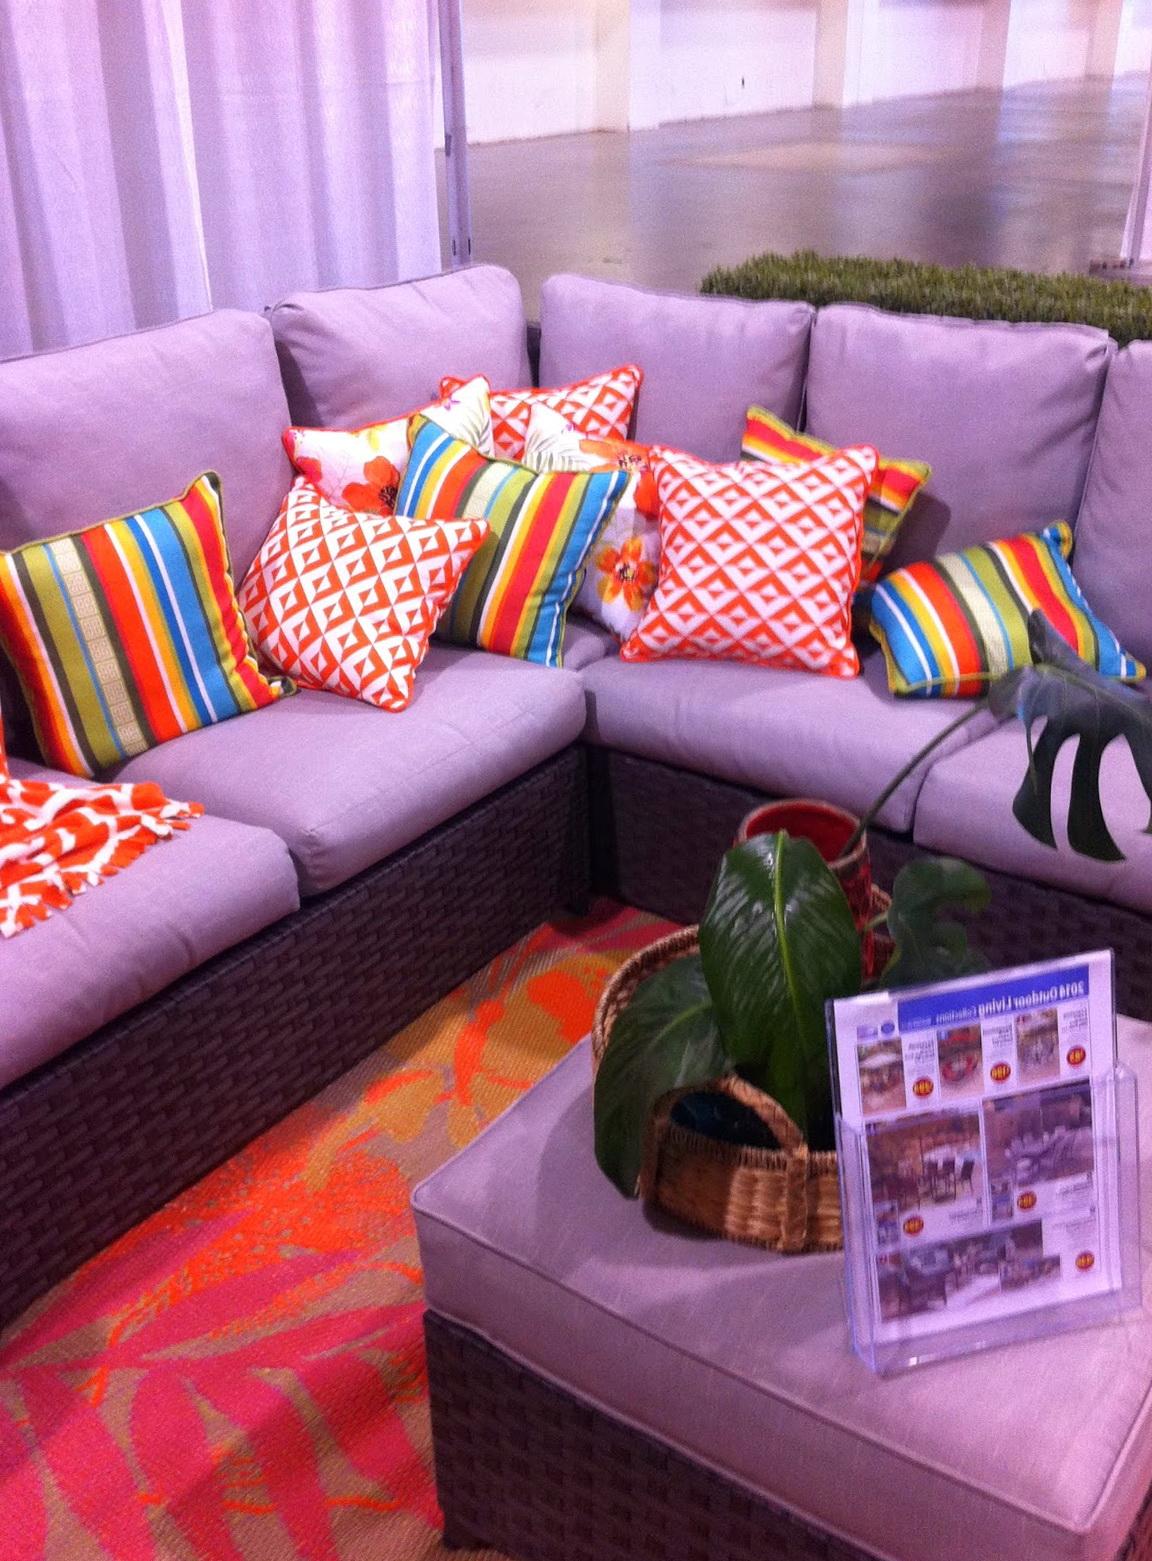 Outdoor Patio Cushions Walmart